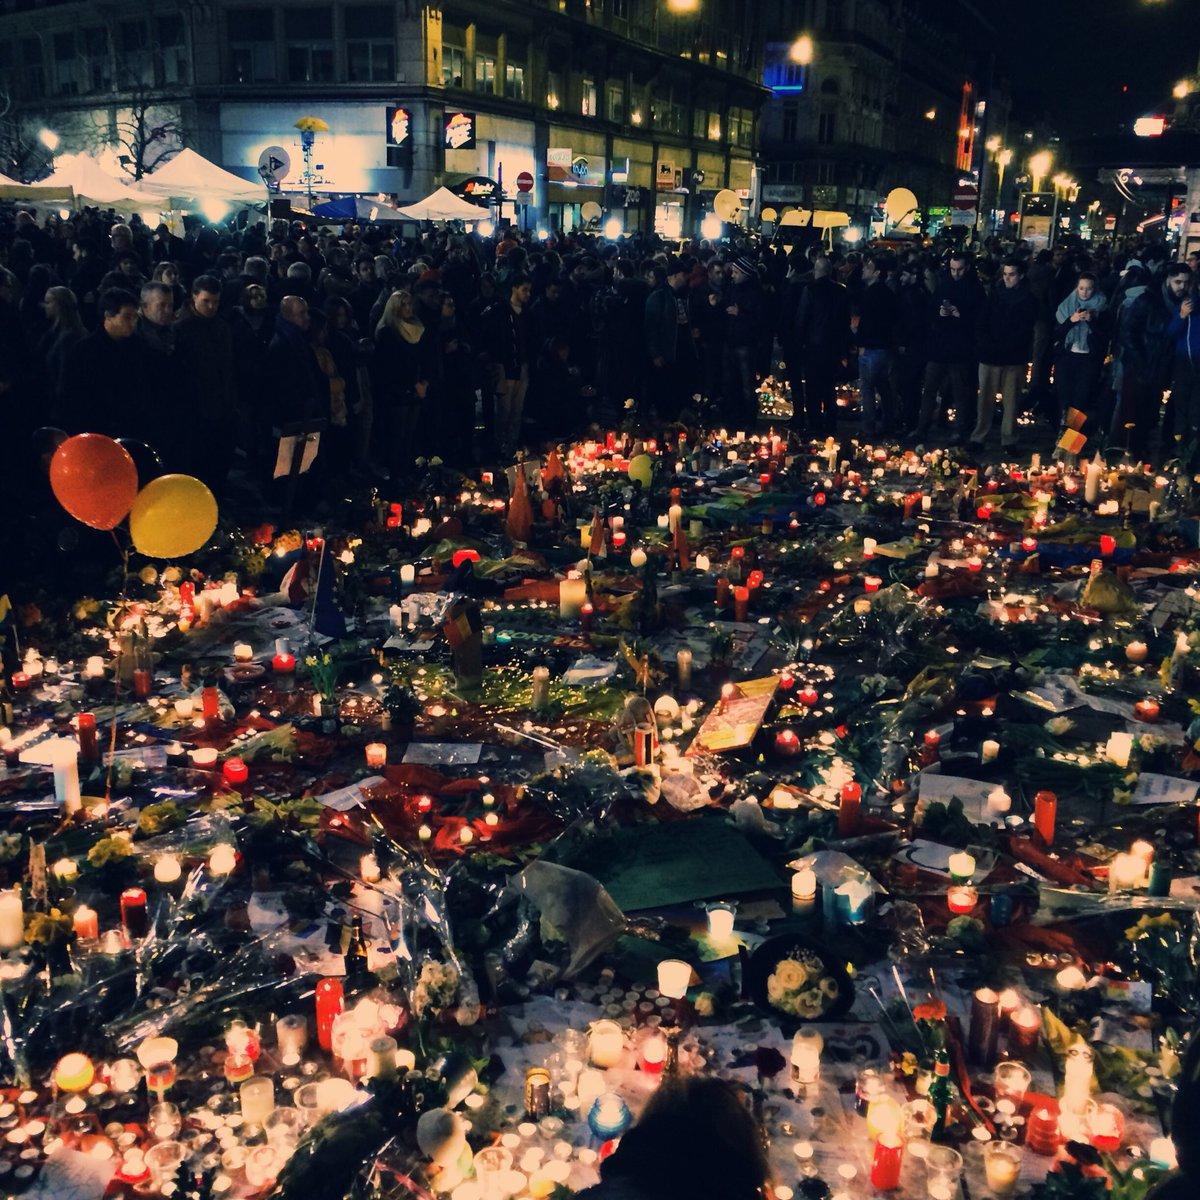 Het begon met één krijtboodschap op de grond. #BrusselsAlive https://t.co/lfleiuwzjF